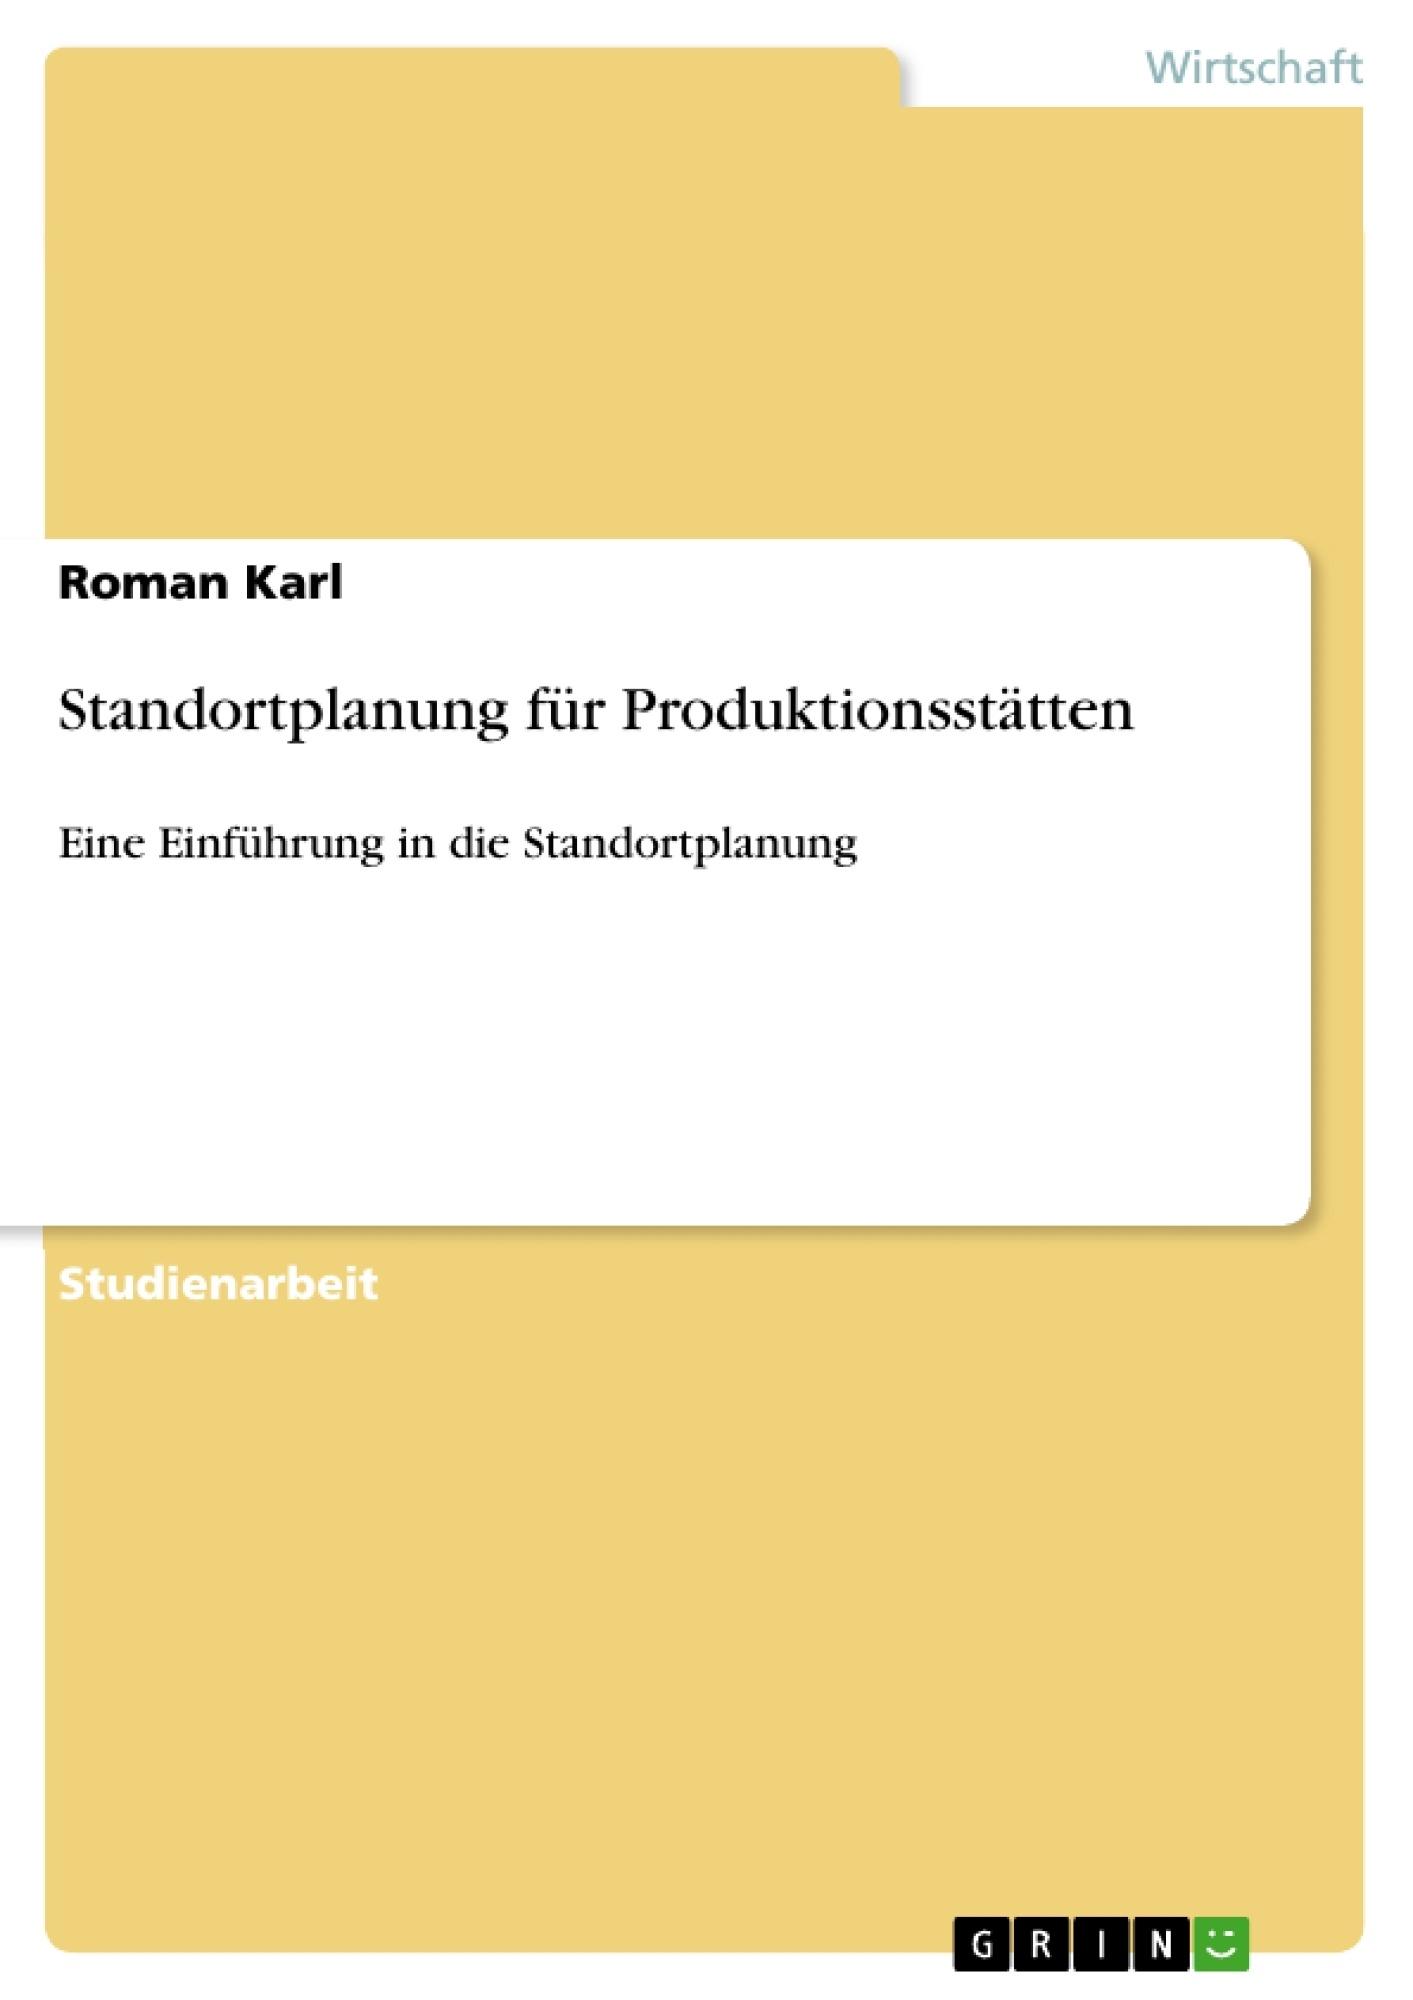 Titel: Standortplanung für Produktionsstätten